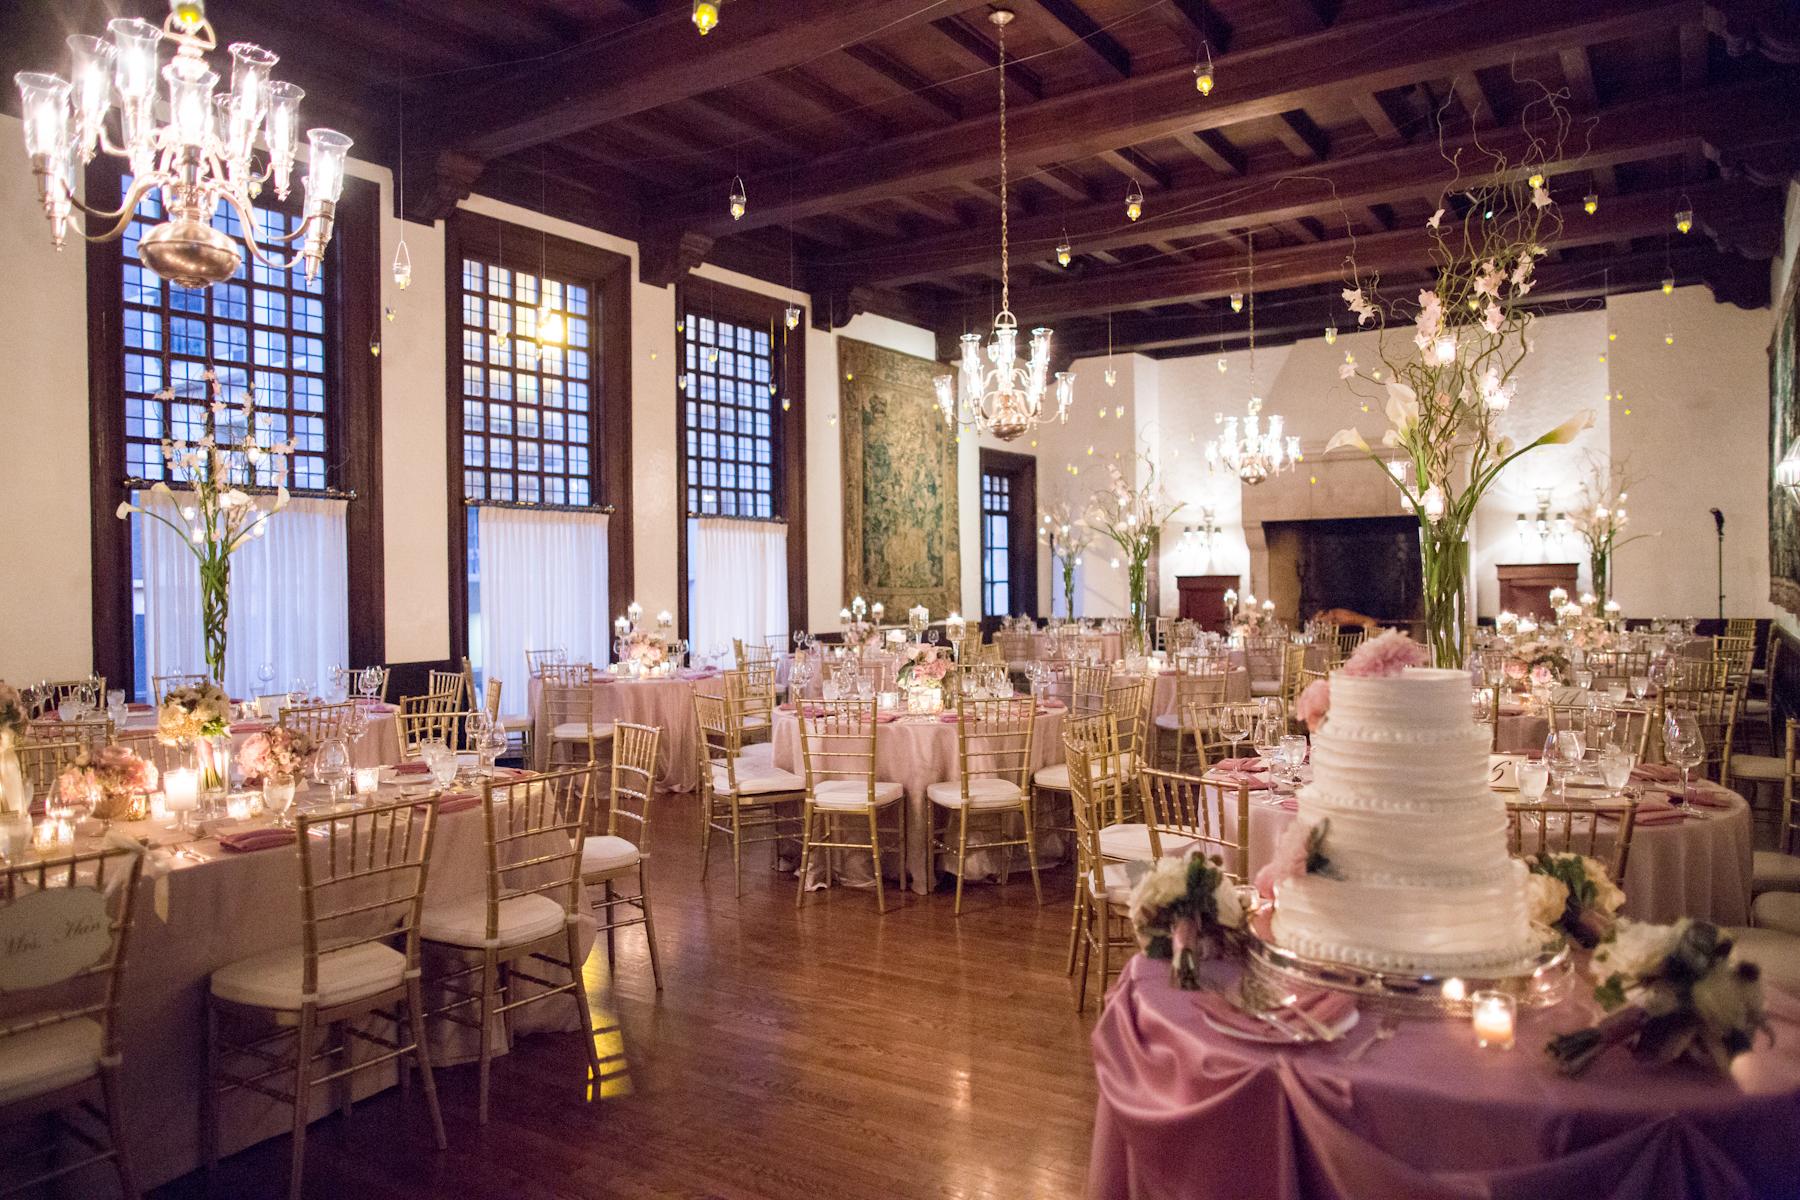 Kristin-La-Voie-Photography-Chicago-Wedding-Photographer-Racquet-Club-Chicago-Wedding-photos-616